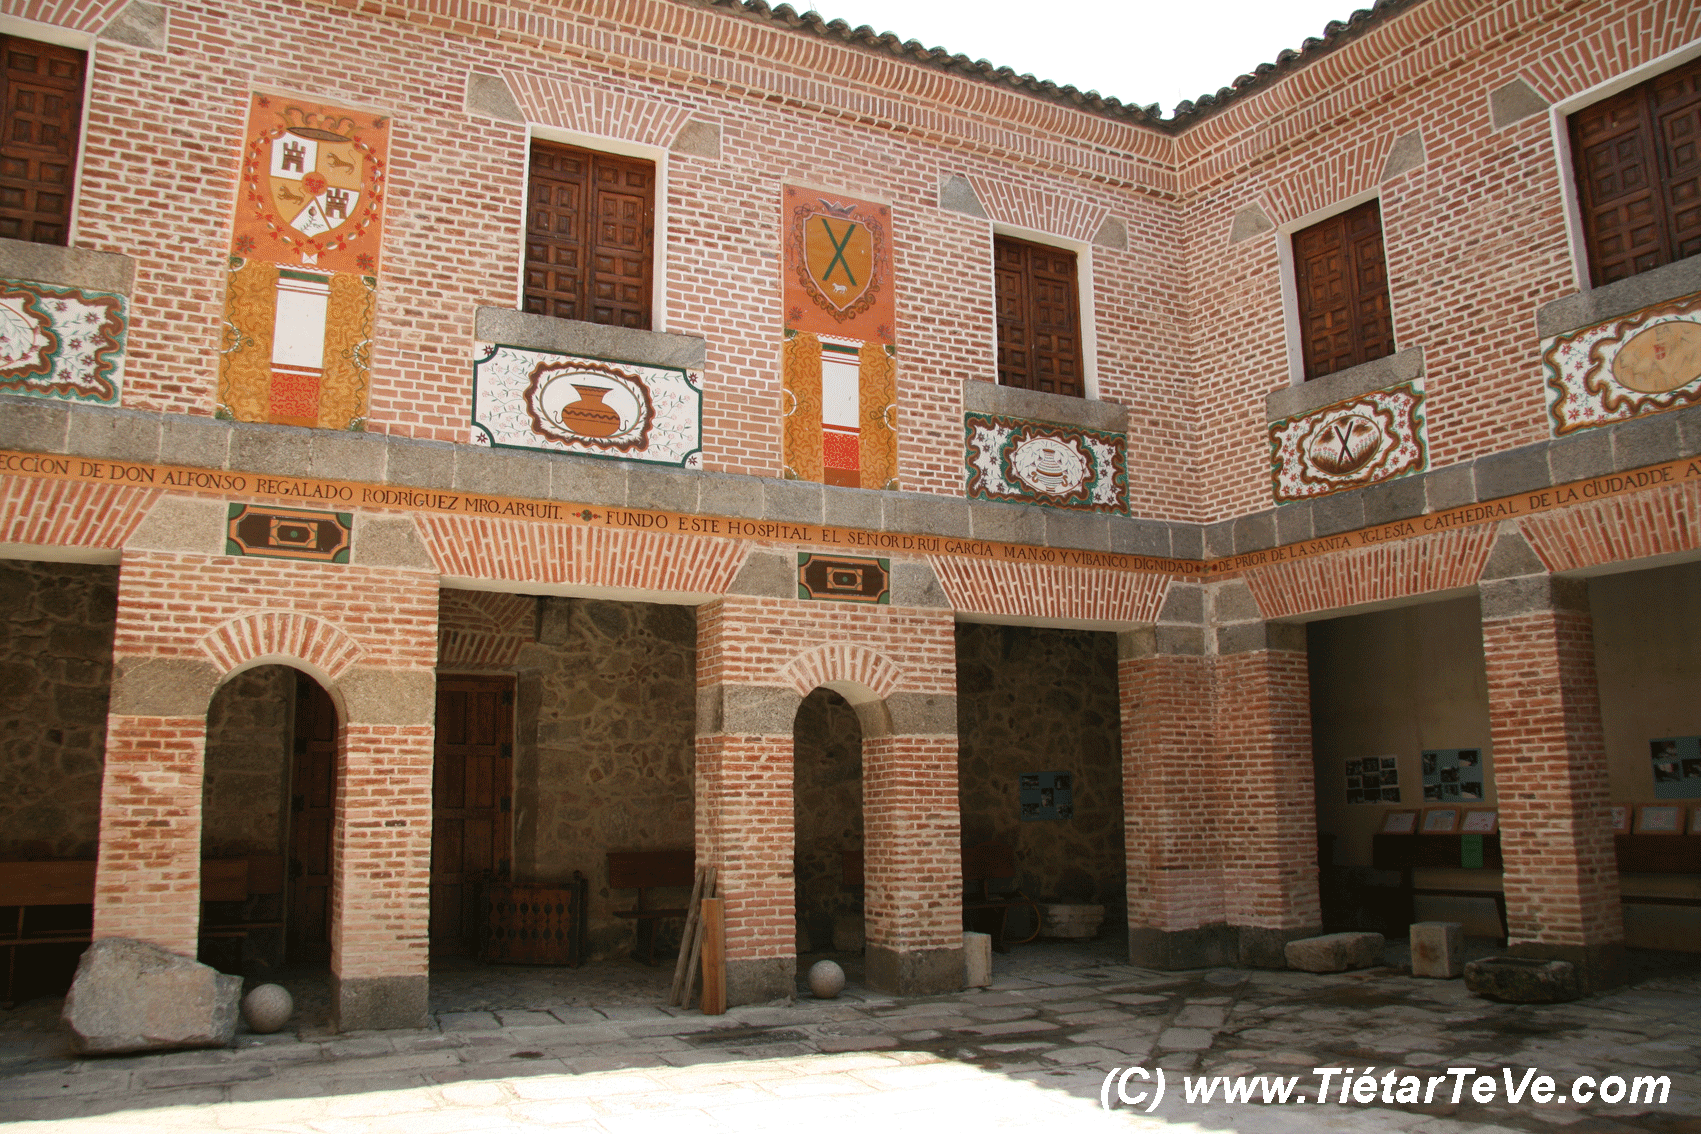 Patio Interior del Hospital de San Andrés en Mombeltrán - TiétarTeVe